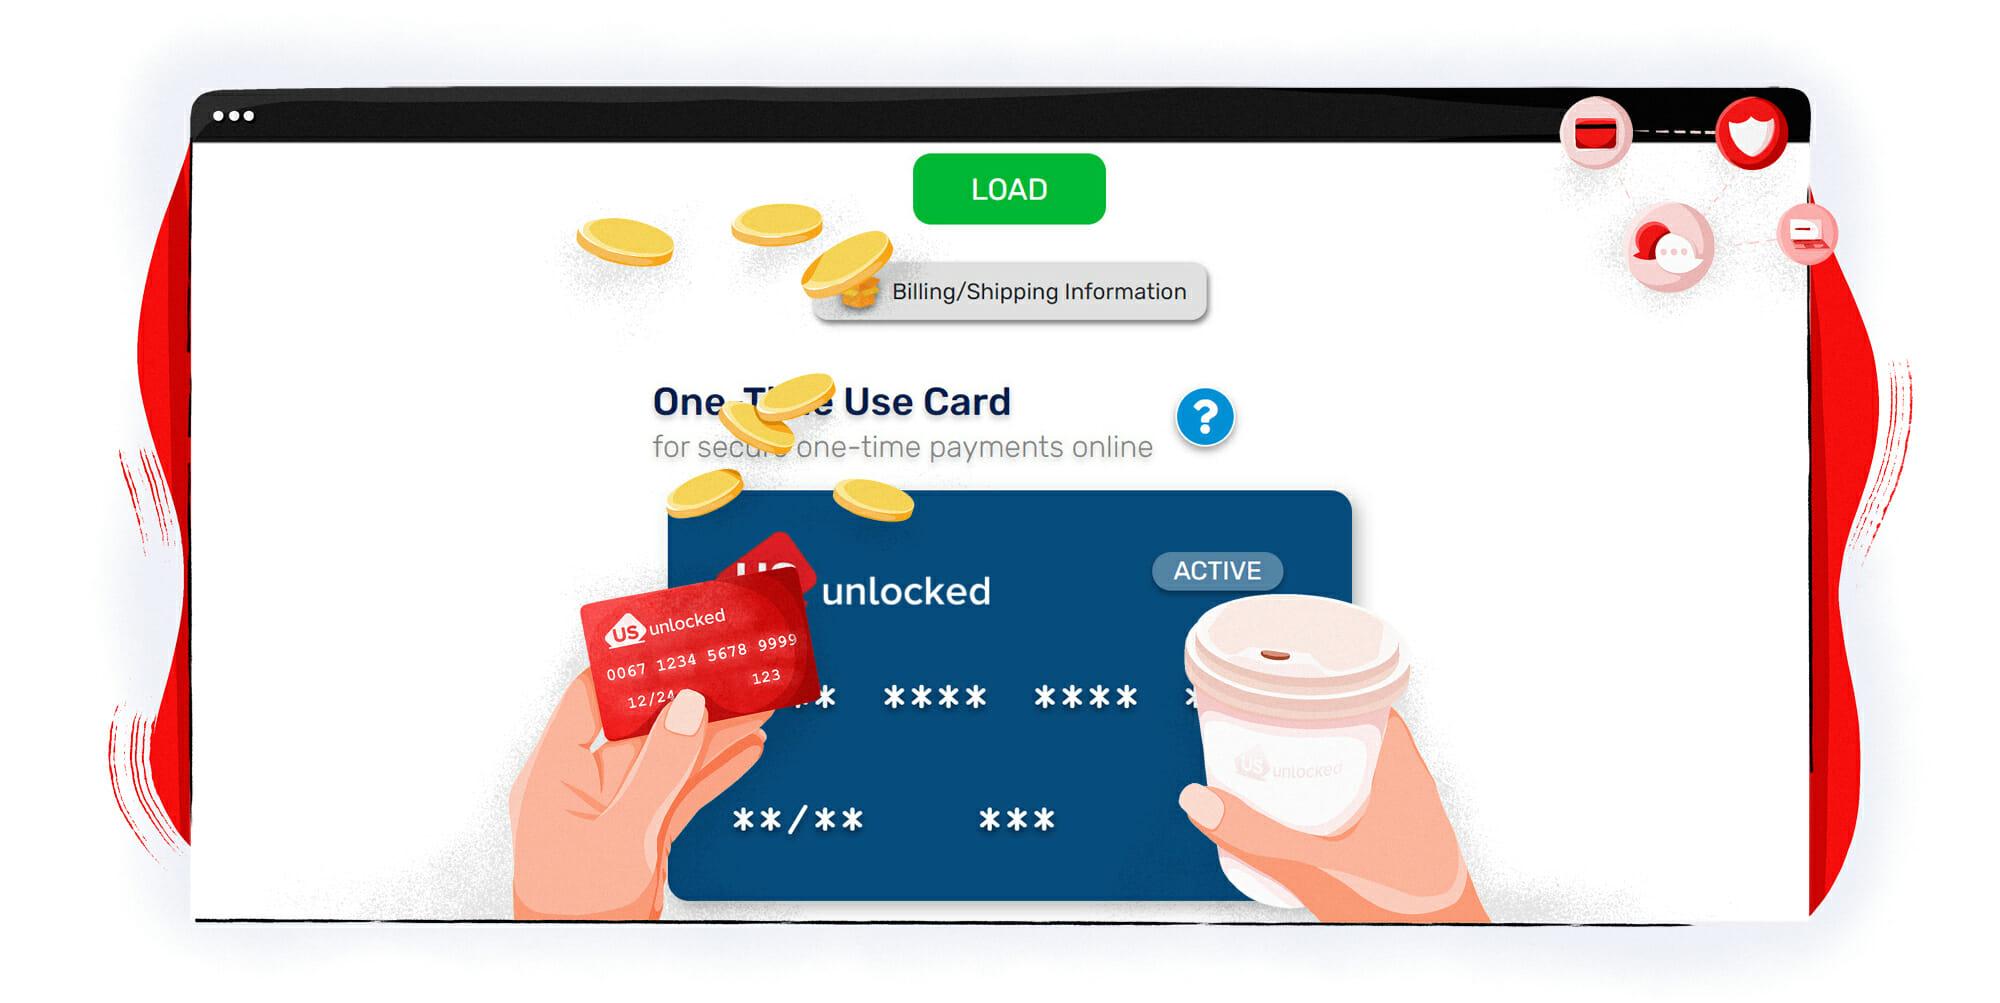 Zdobądź US Unlocked kartę bankową, aby subskrybować Hulu